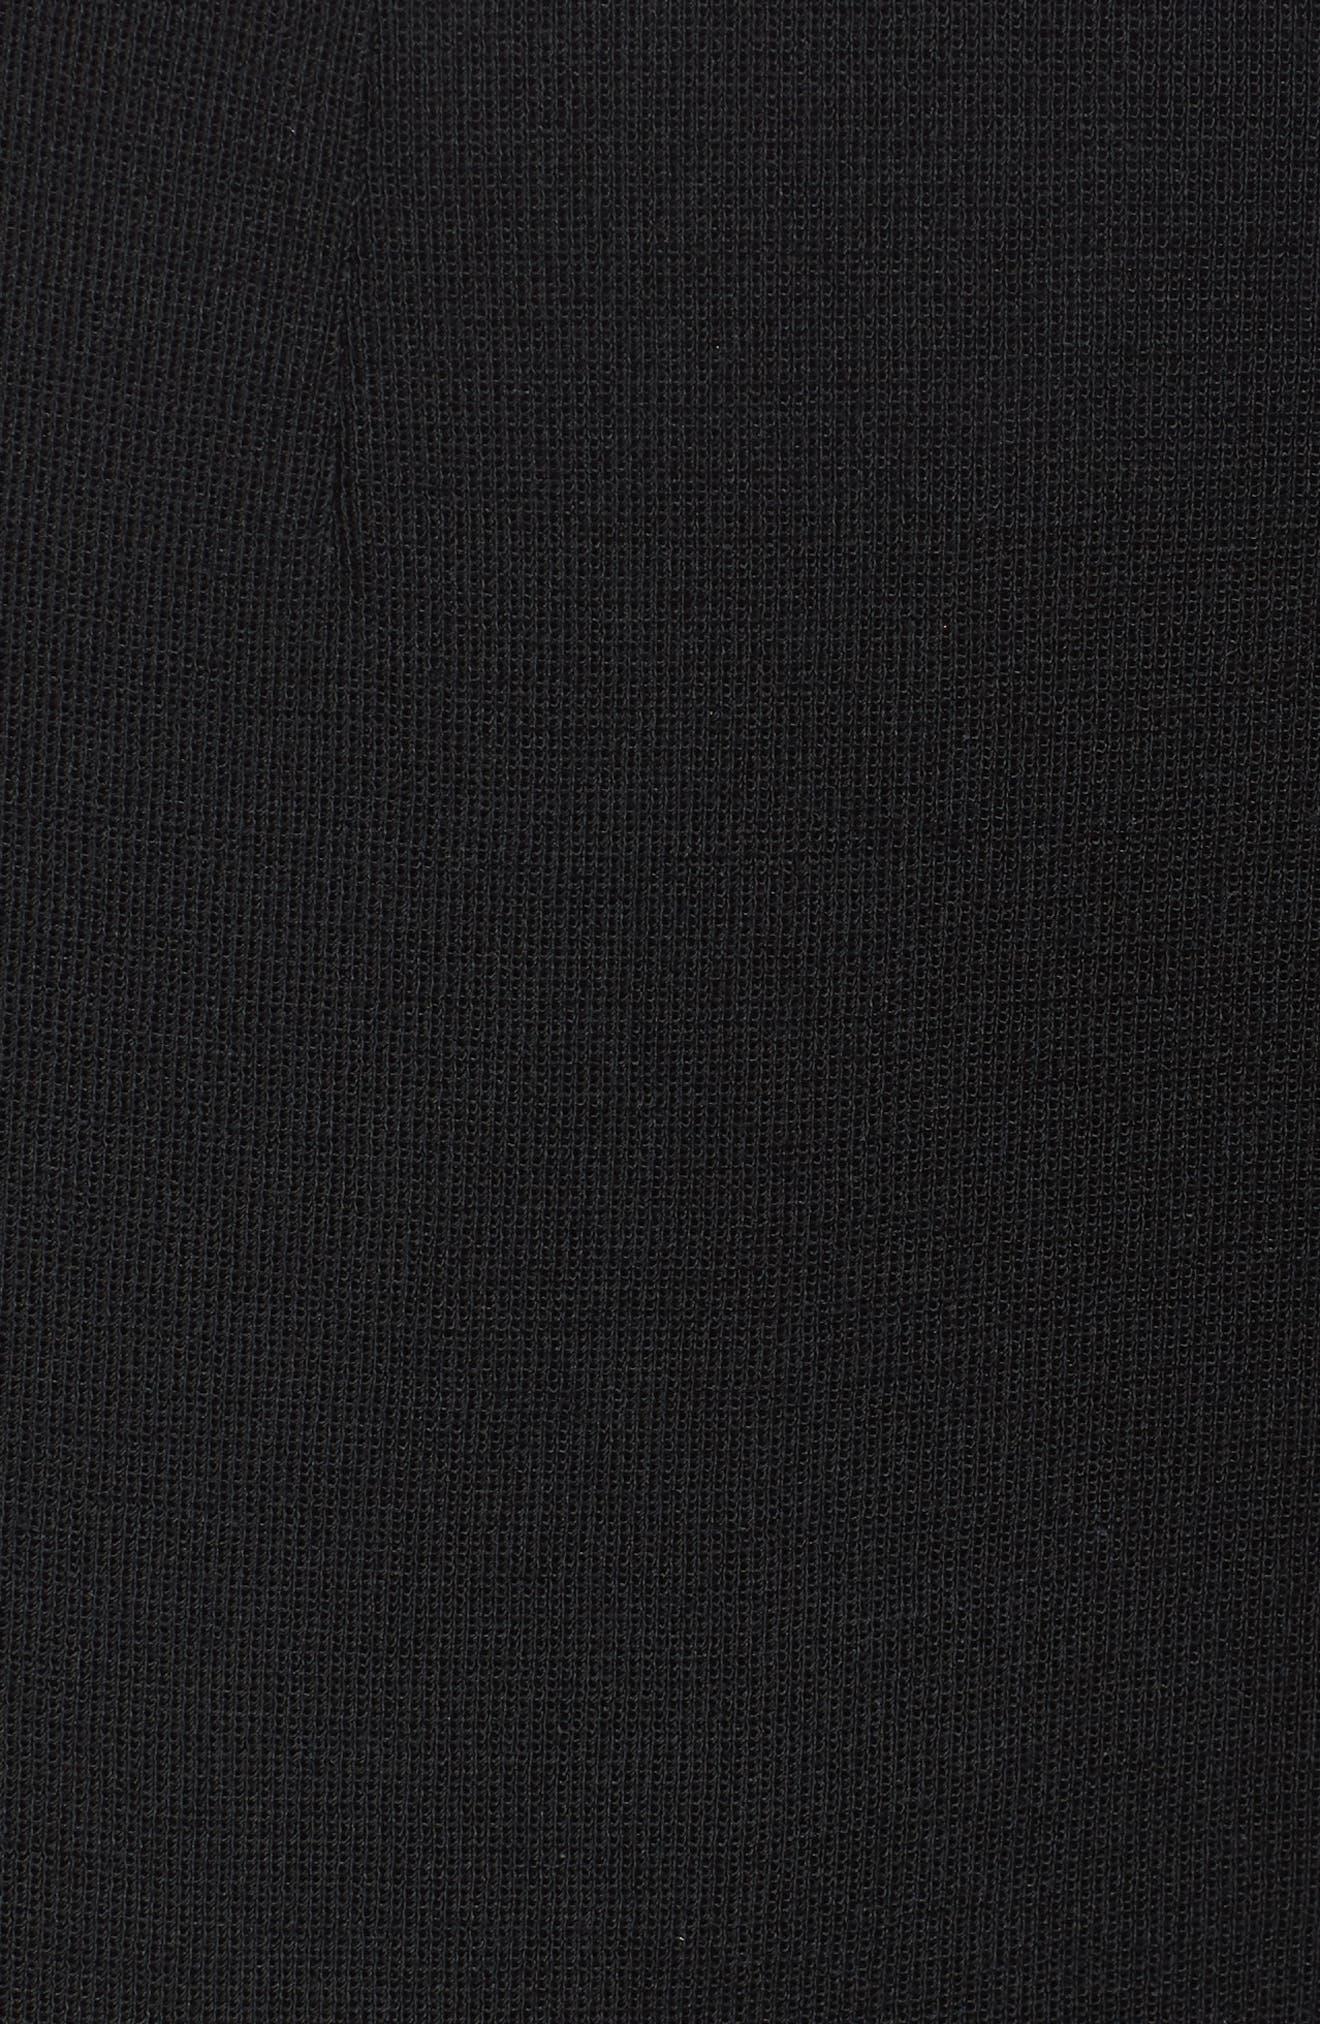 Crop Knit Pants,                             Alternate thumbnail 6, color,                             001